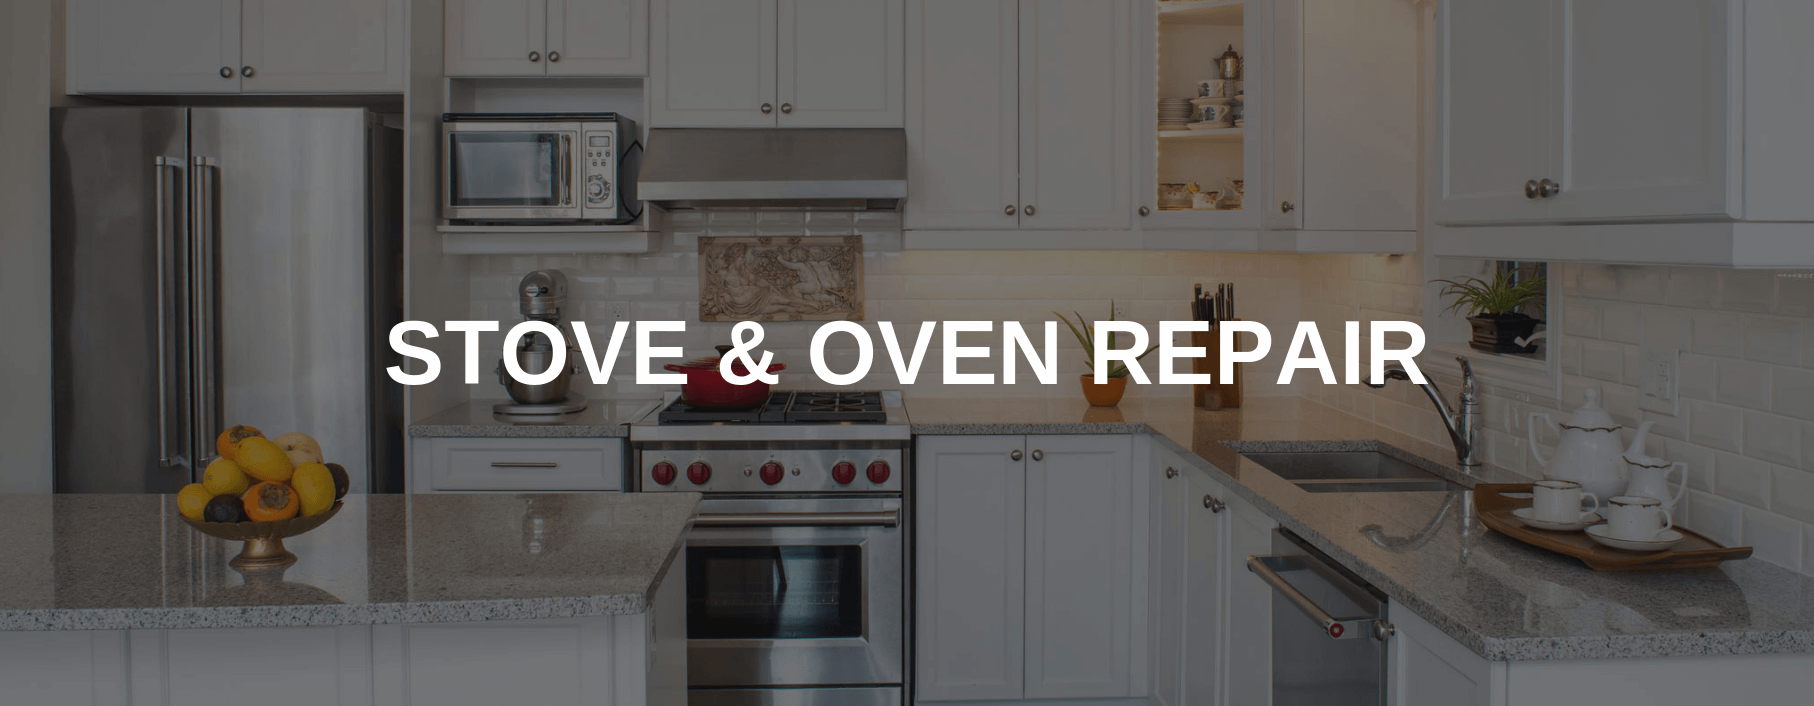 stove repair dayton